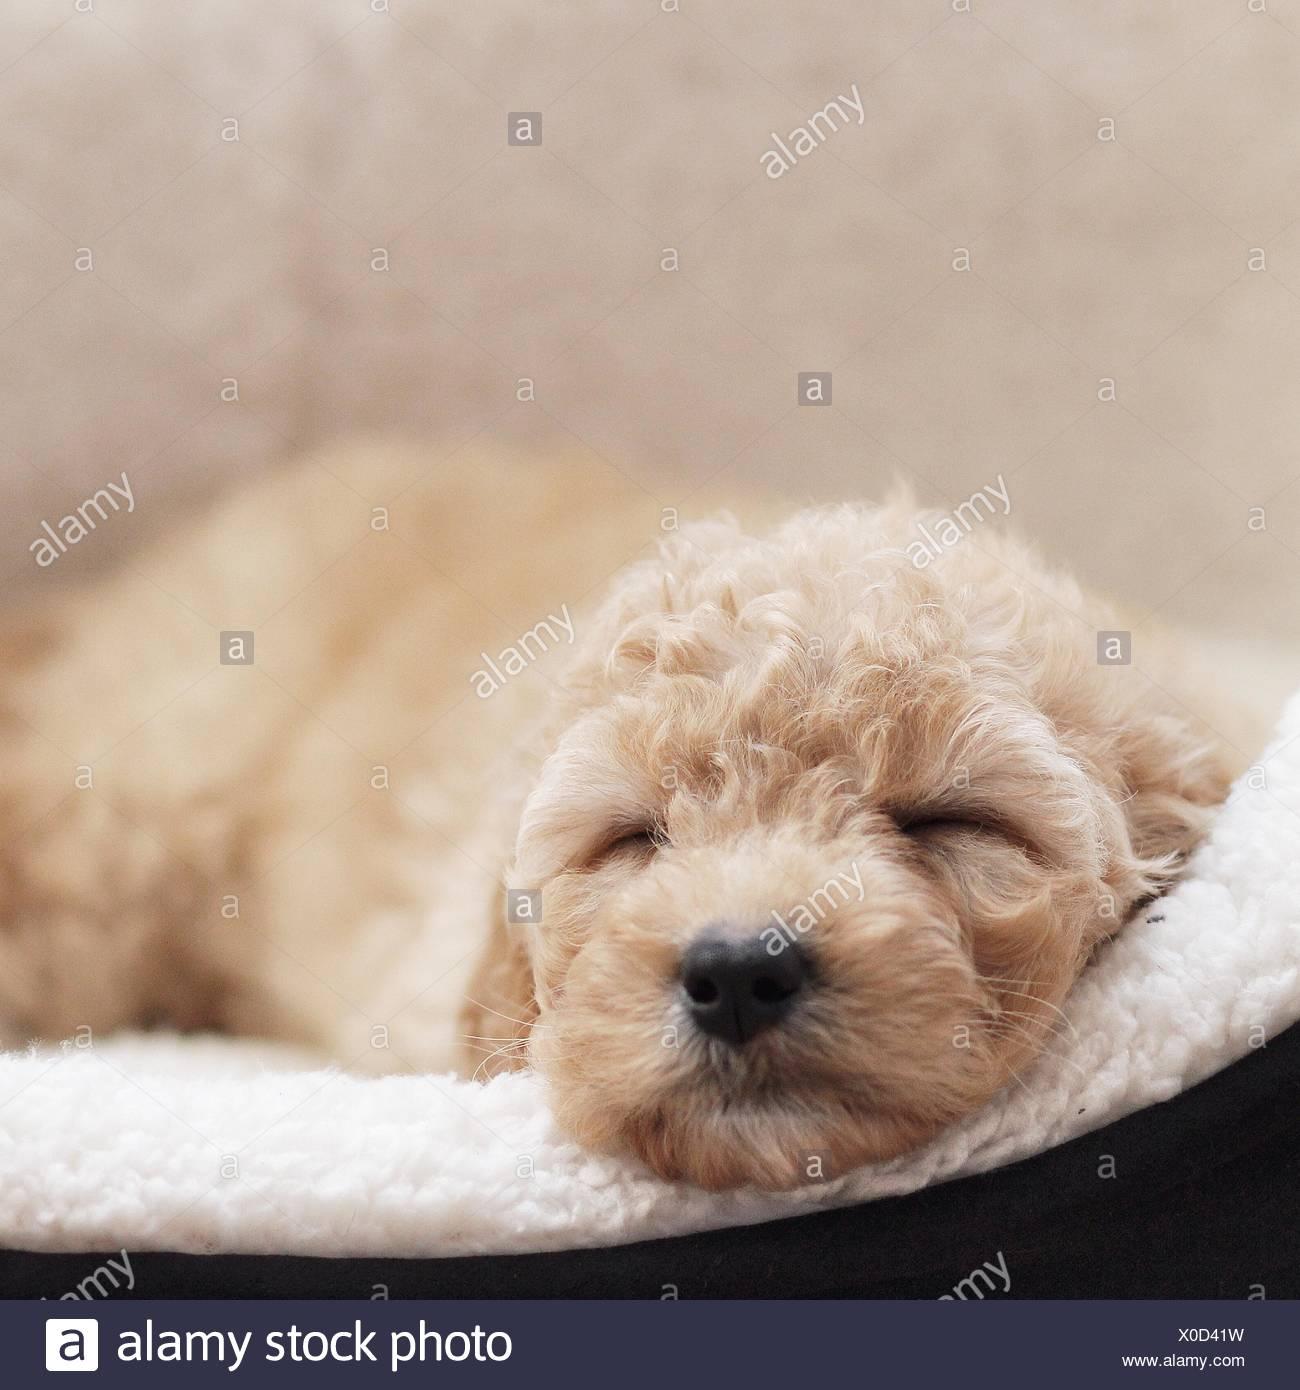 Cucciolo di cane dorme nel cestino Immagini Stock